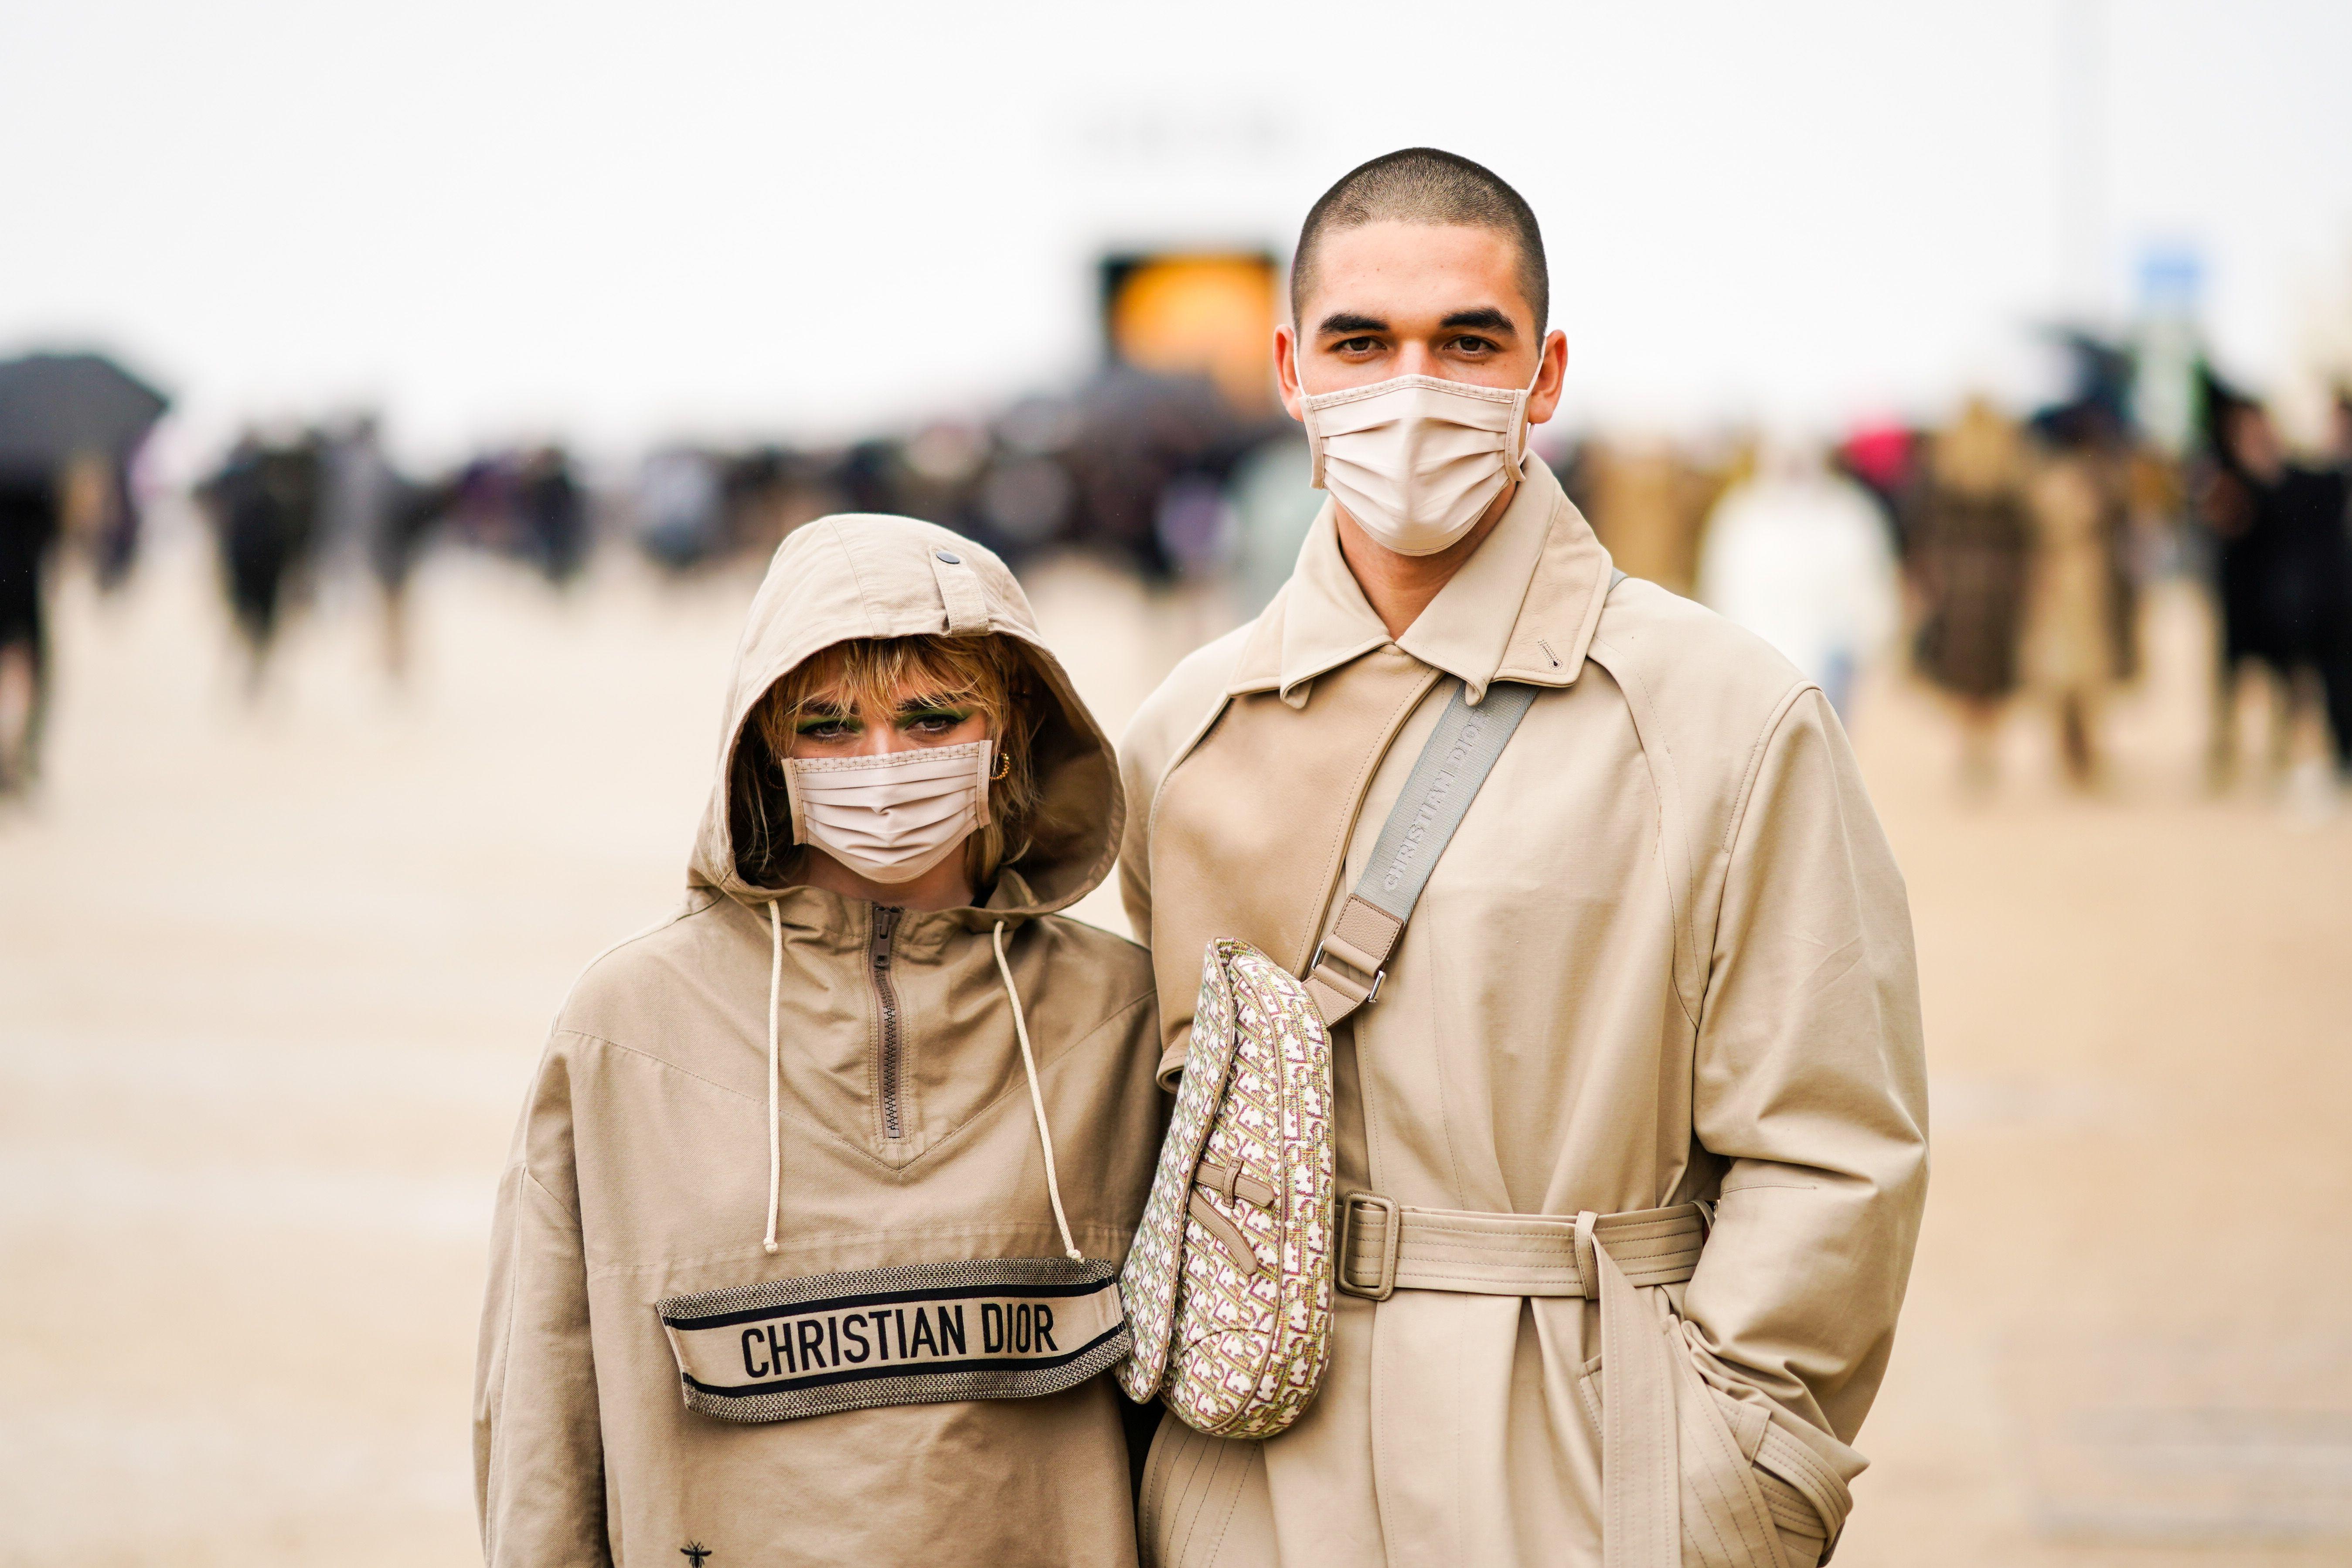 Estas son las prendas y accesorios que han definido la moda de 2020